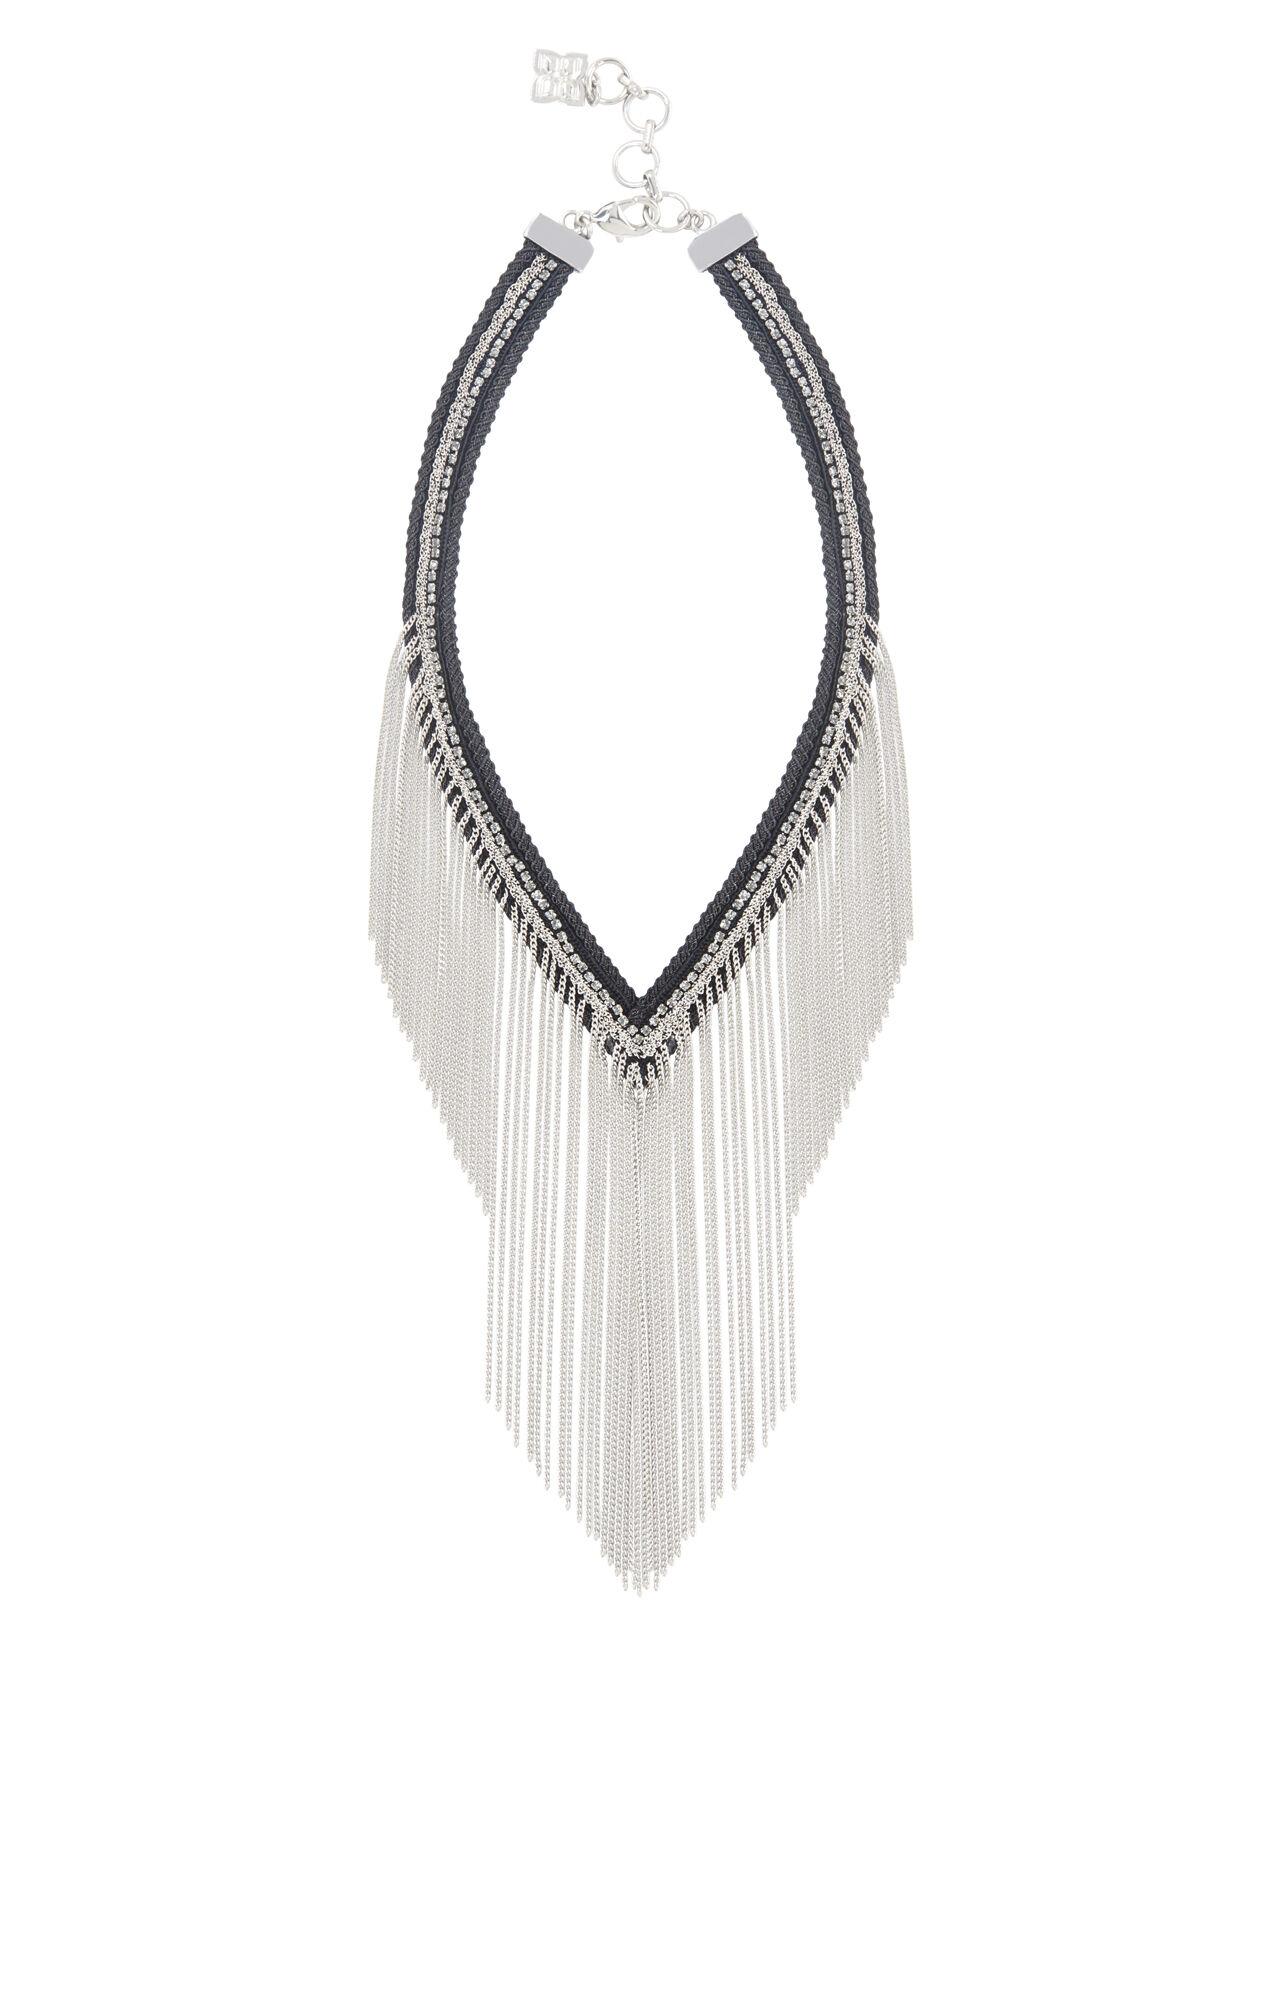 Braid and Fringe Necklace